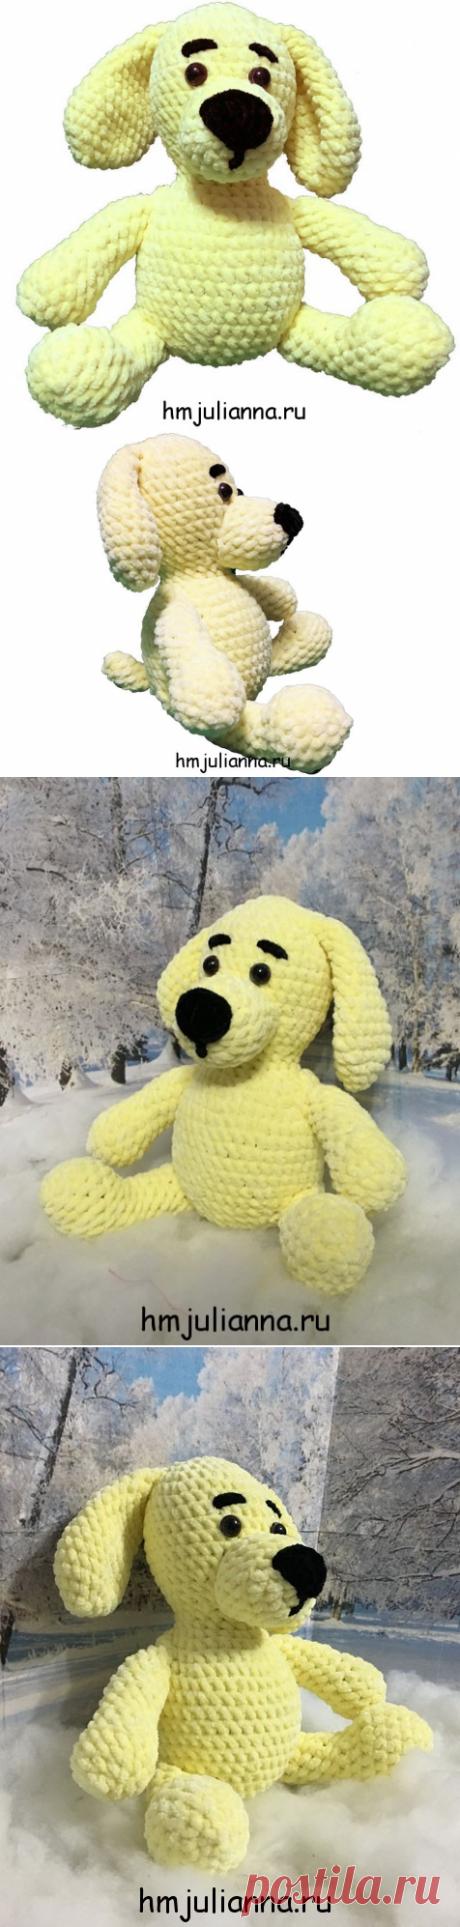 Нежная, желтая плюшевая собака, детская игрушка, 22 смМастерская рукоделия Анны Ганоцкой